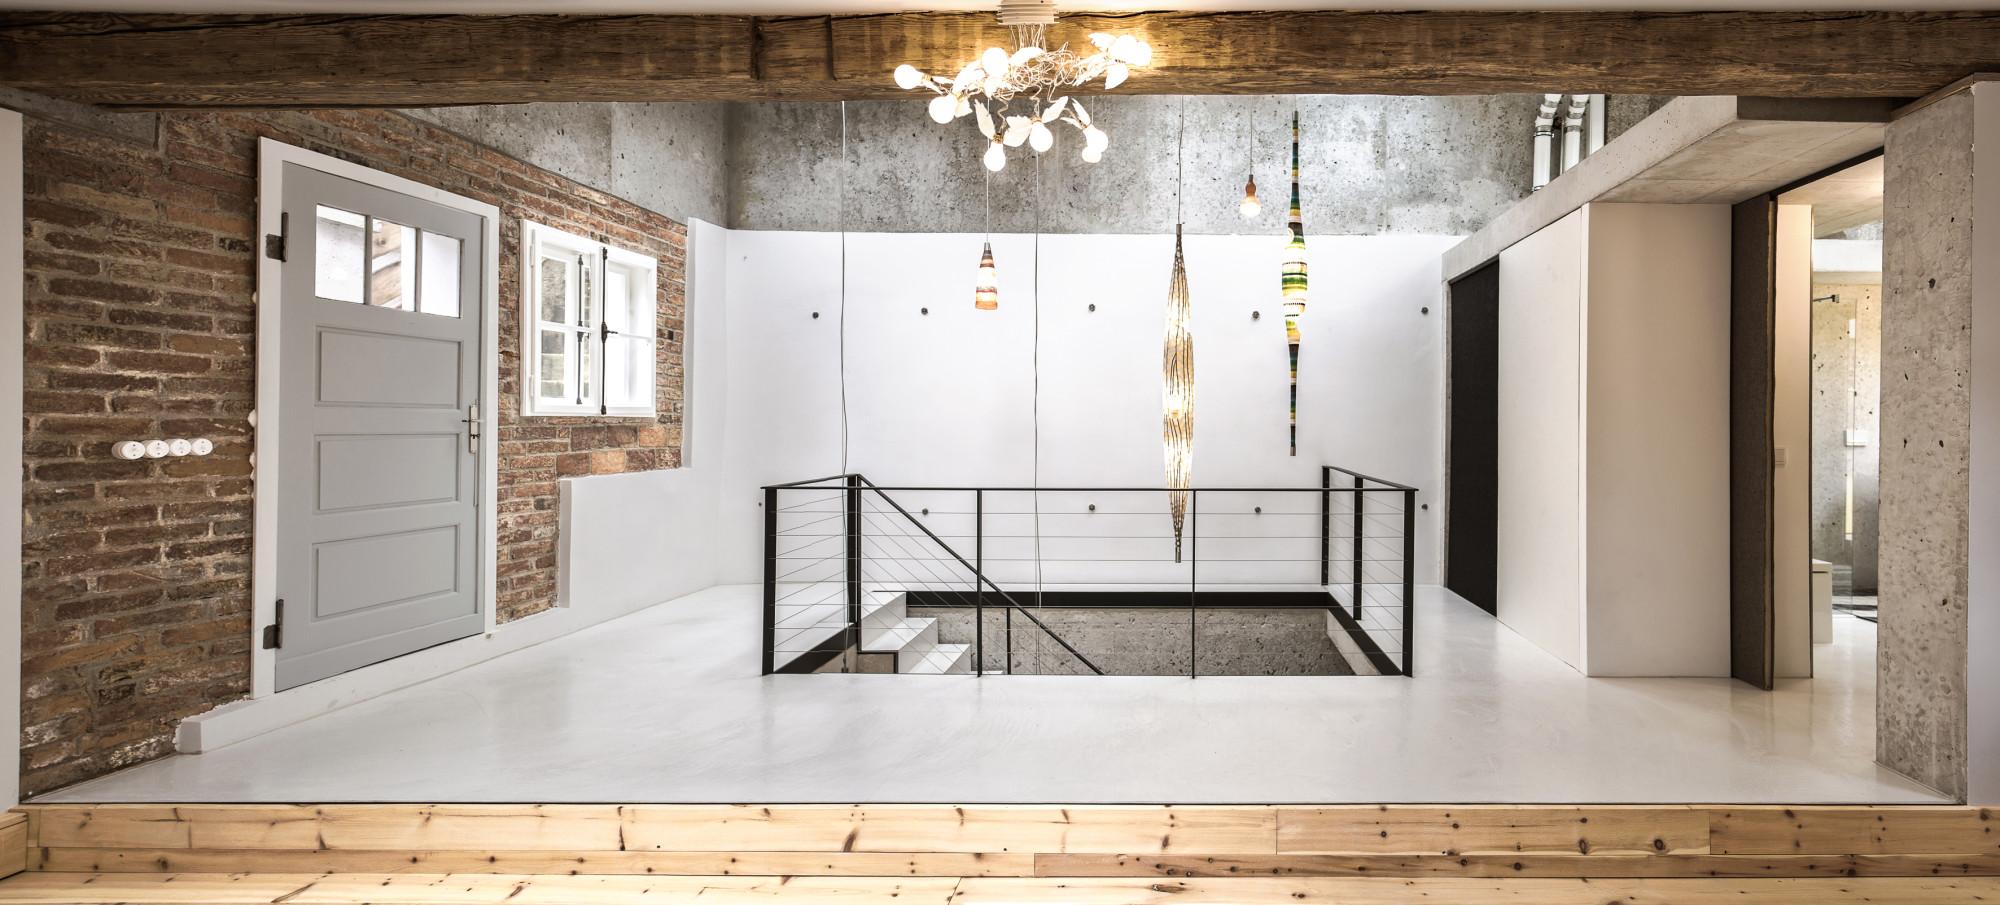 wohnhaus nocki in der m nchner au boden wohnen baunetz wissen. Black Bedroom Furniture Sets. Home Design Ideas